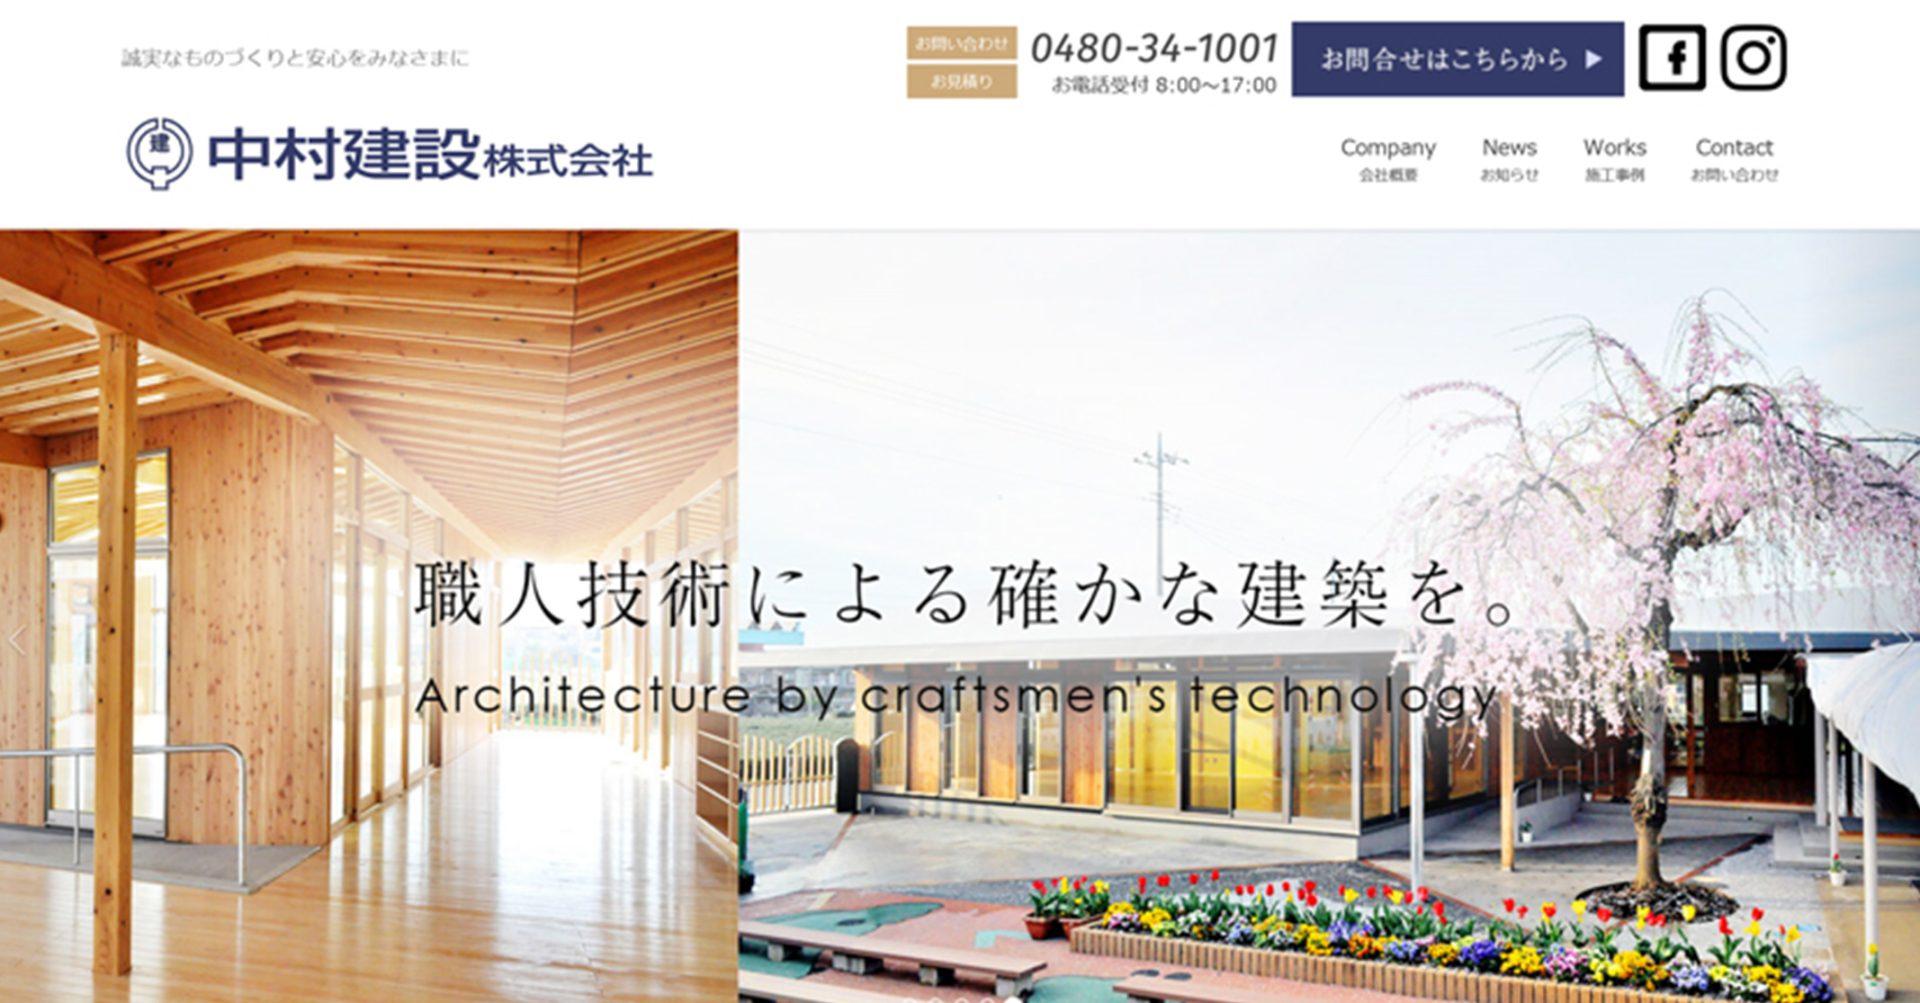 中村建設(株)のホームページ